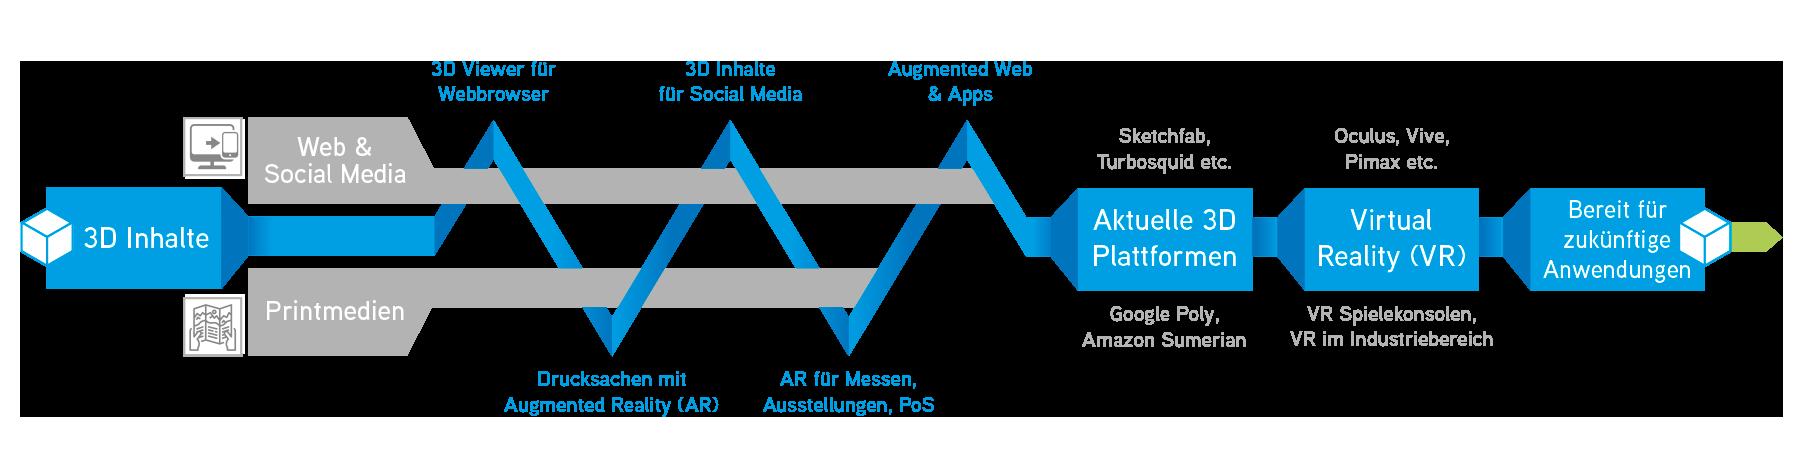 3D Content bereichert und erweitert Ihre Kommunikationsstrategie